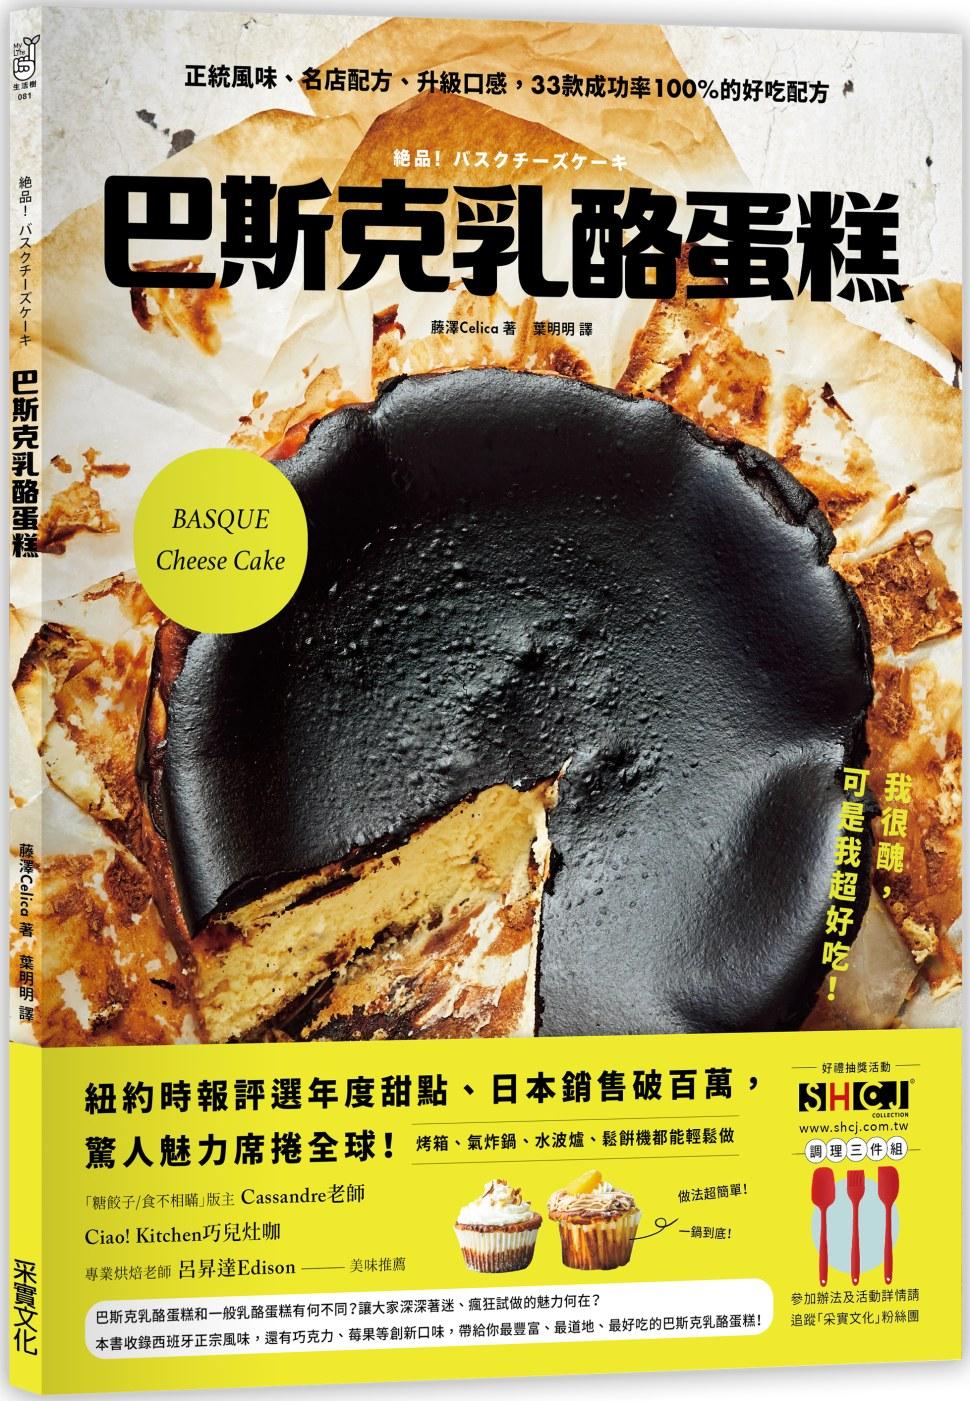 巴斯克乳酪蛋糕:正統風味、名店配方、升級口感,33款成功率100%的好吃配方